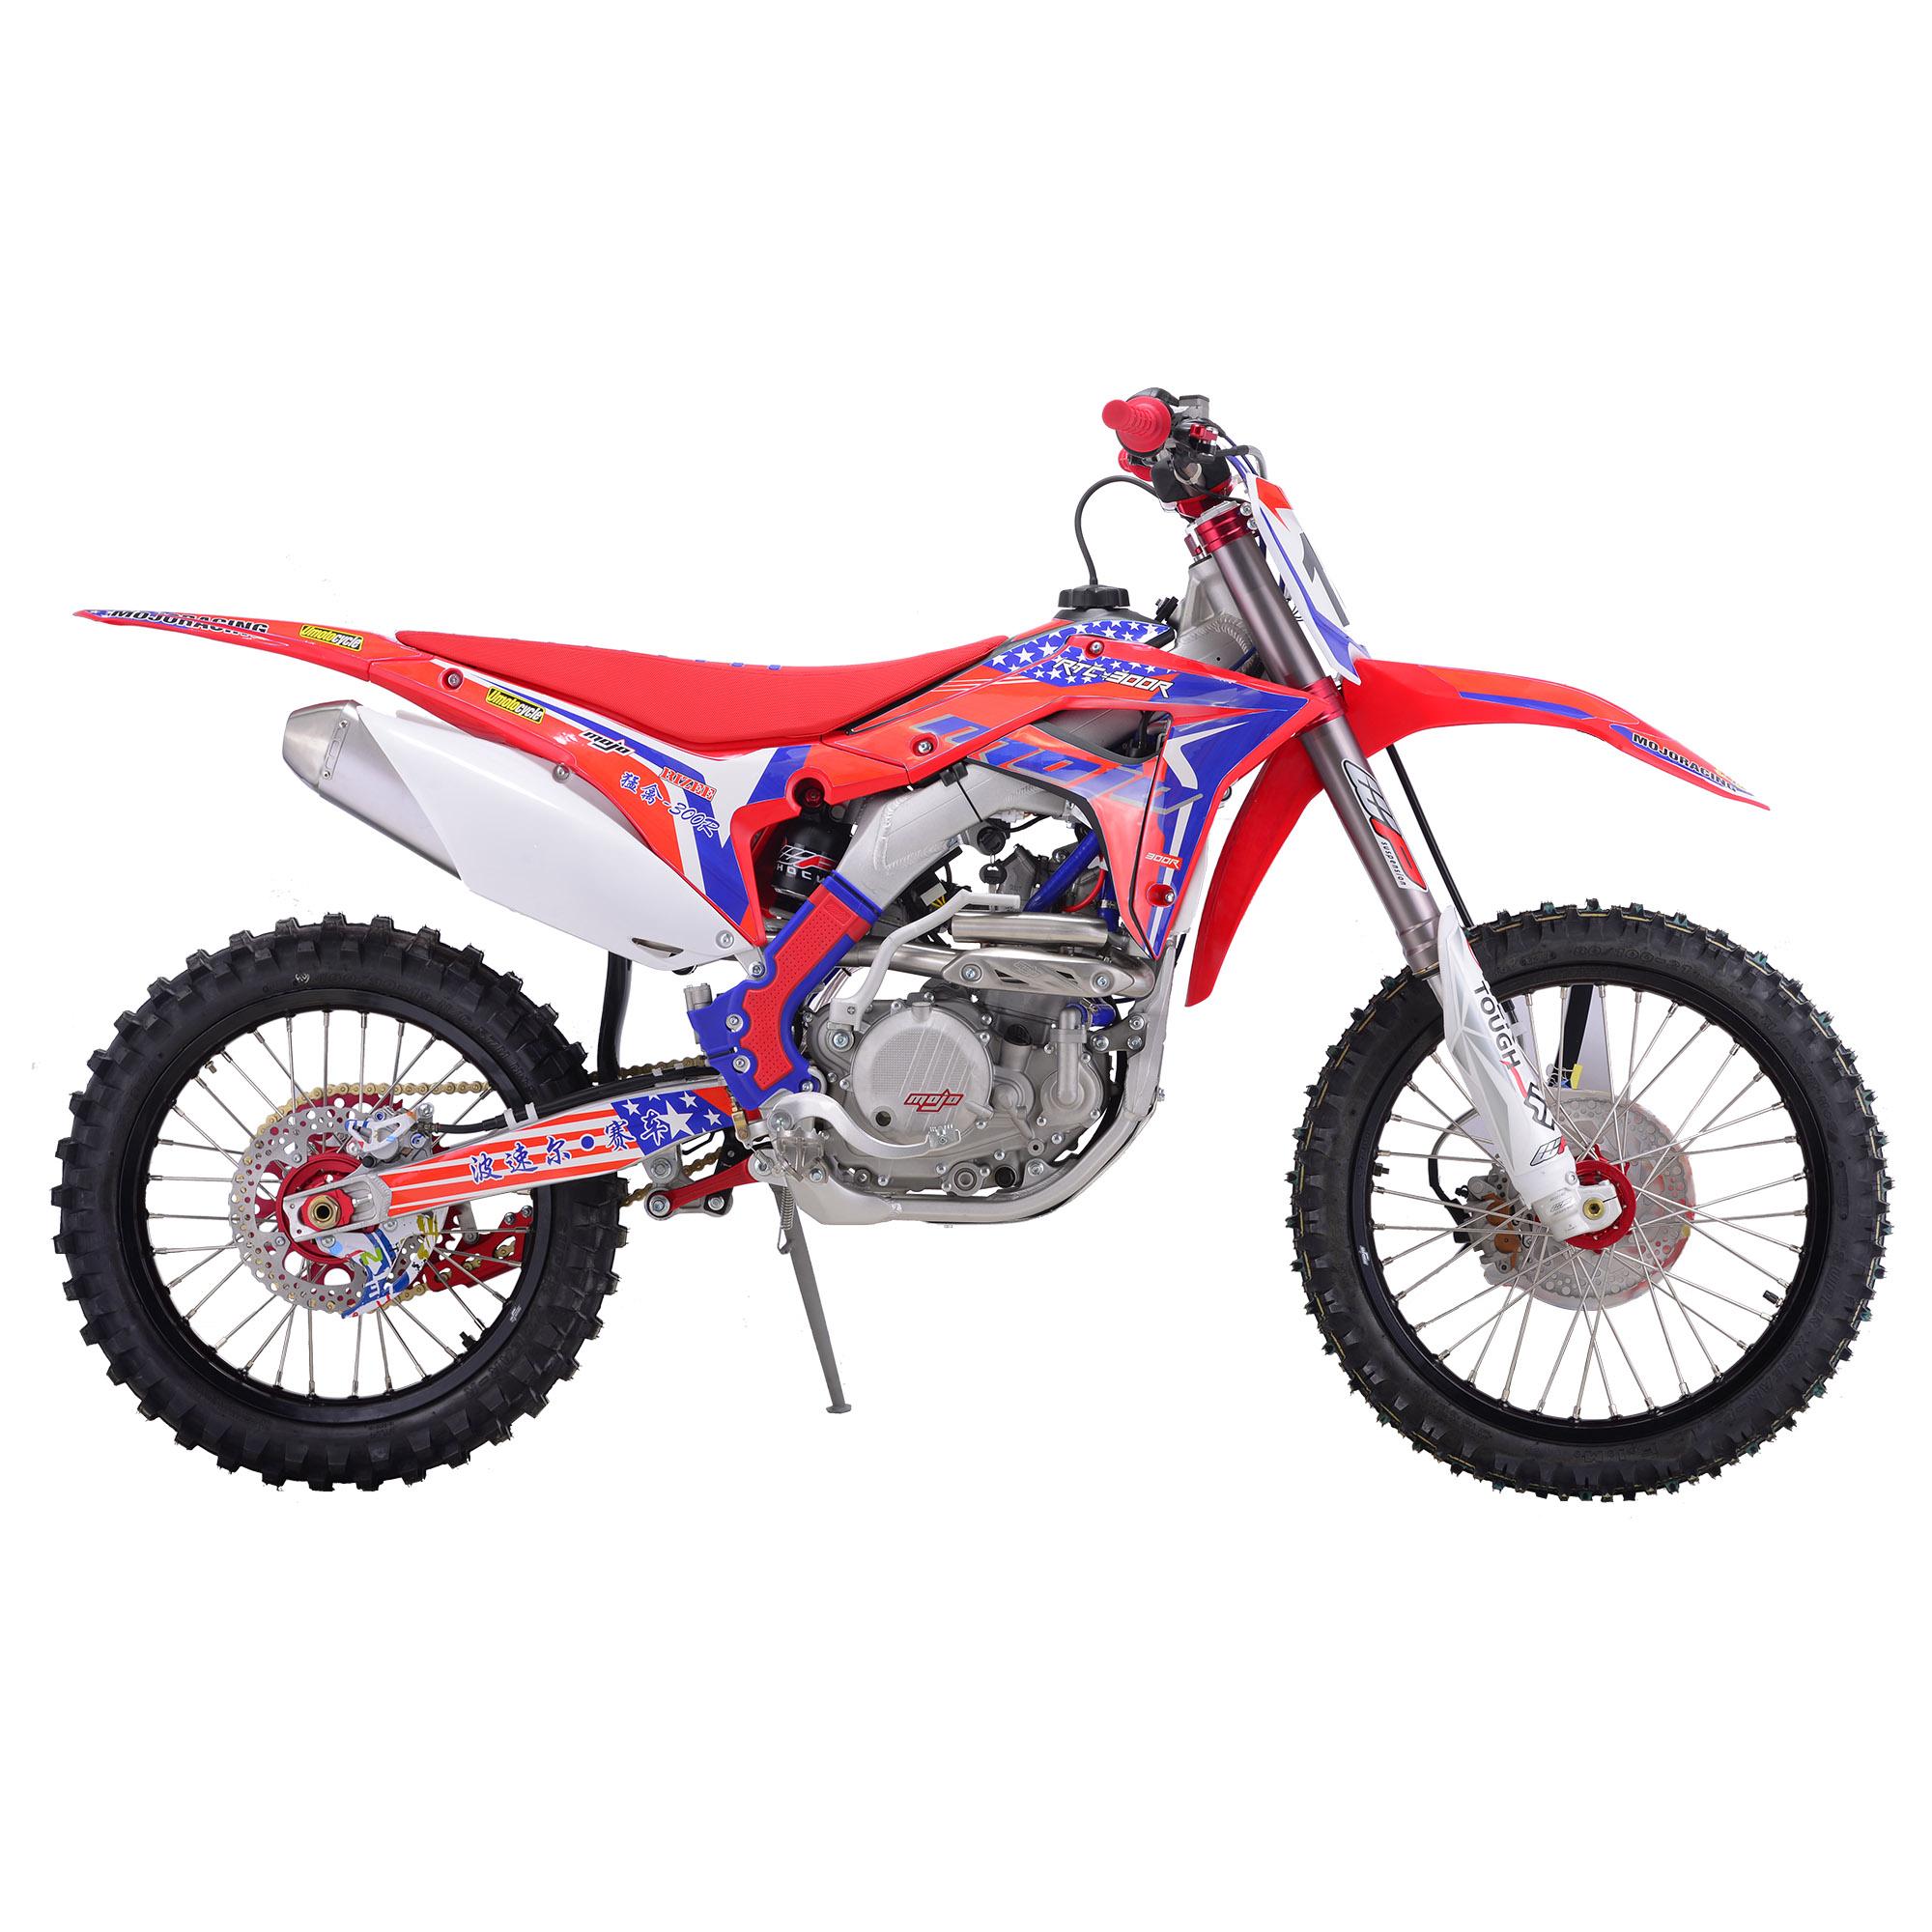 dirt bike BOSUER MR300 300CC